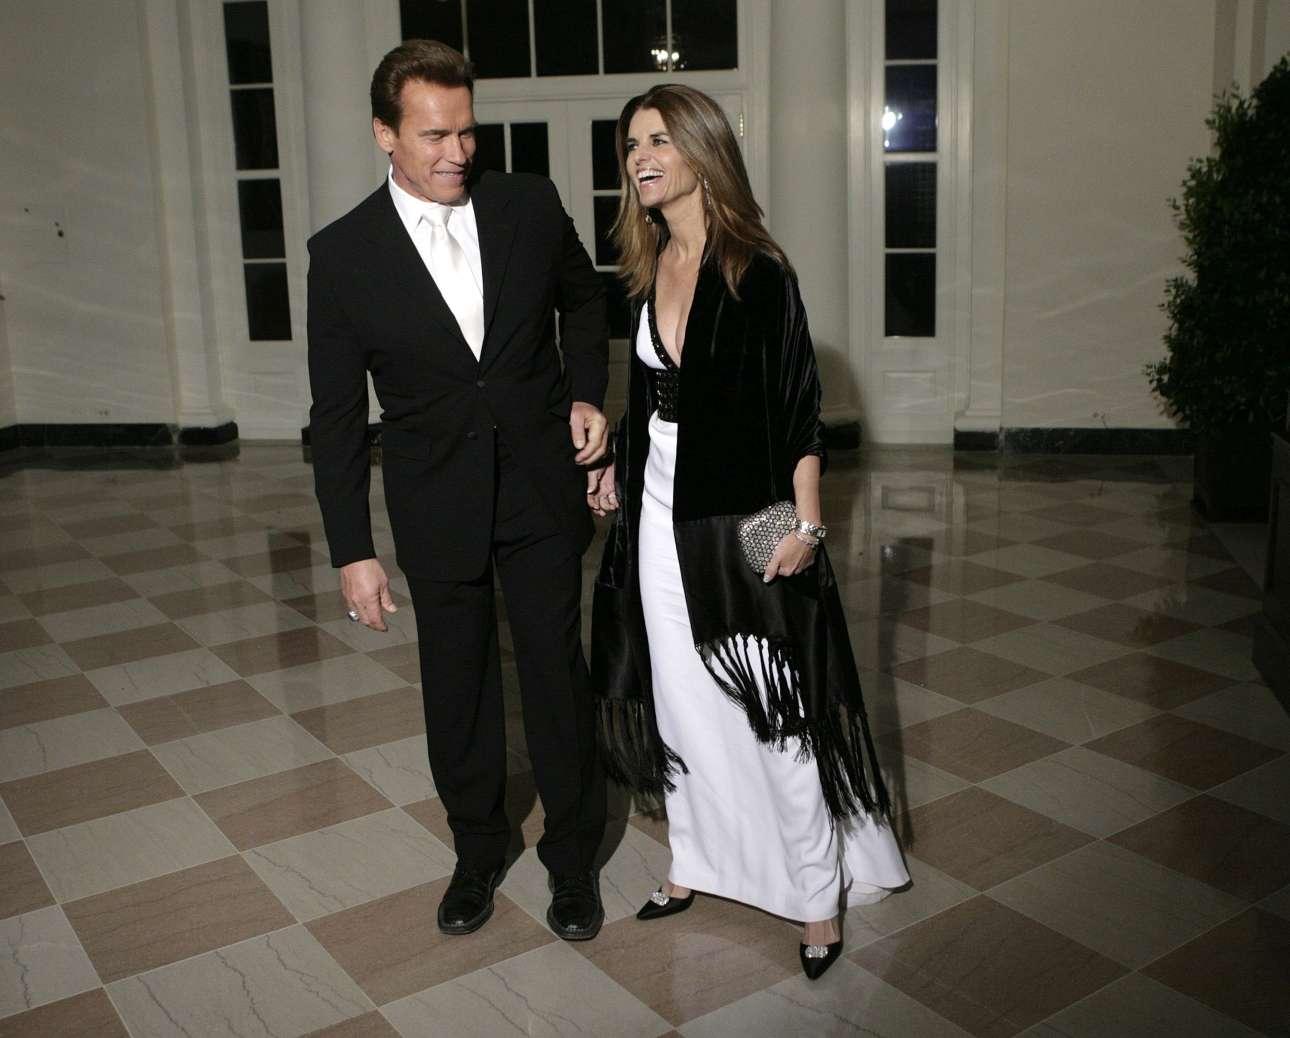 Στον Λευκό Οίκο το 2006 με τη Μαρία Σράιβερ. Με την ανιψιά του JFK γνωρίστηκαν στις αρχές της δεκαετίας του 1980 και παντρεύτηκαν το 1986